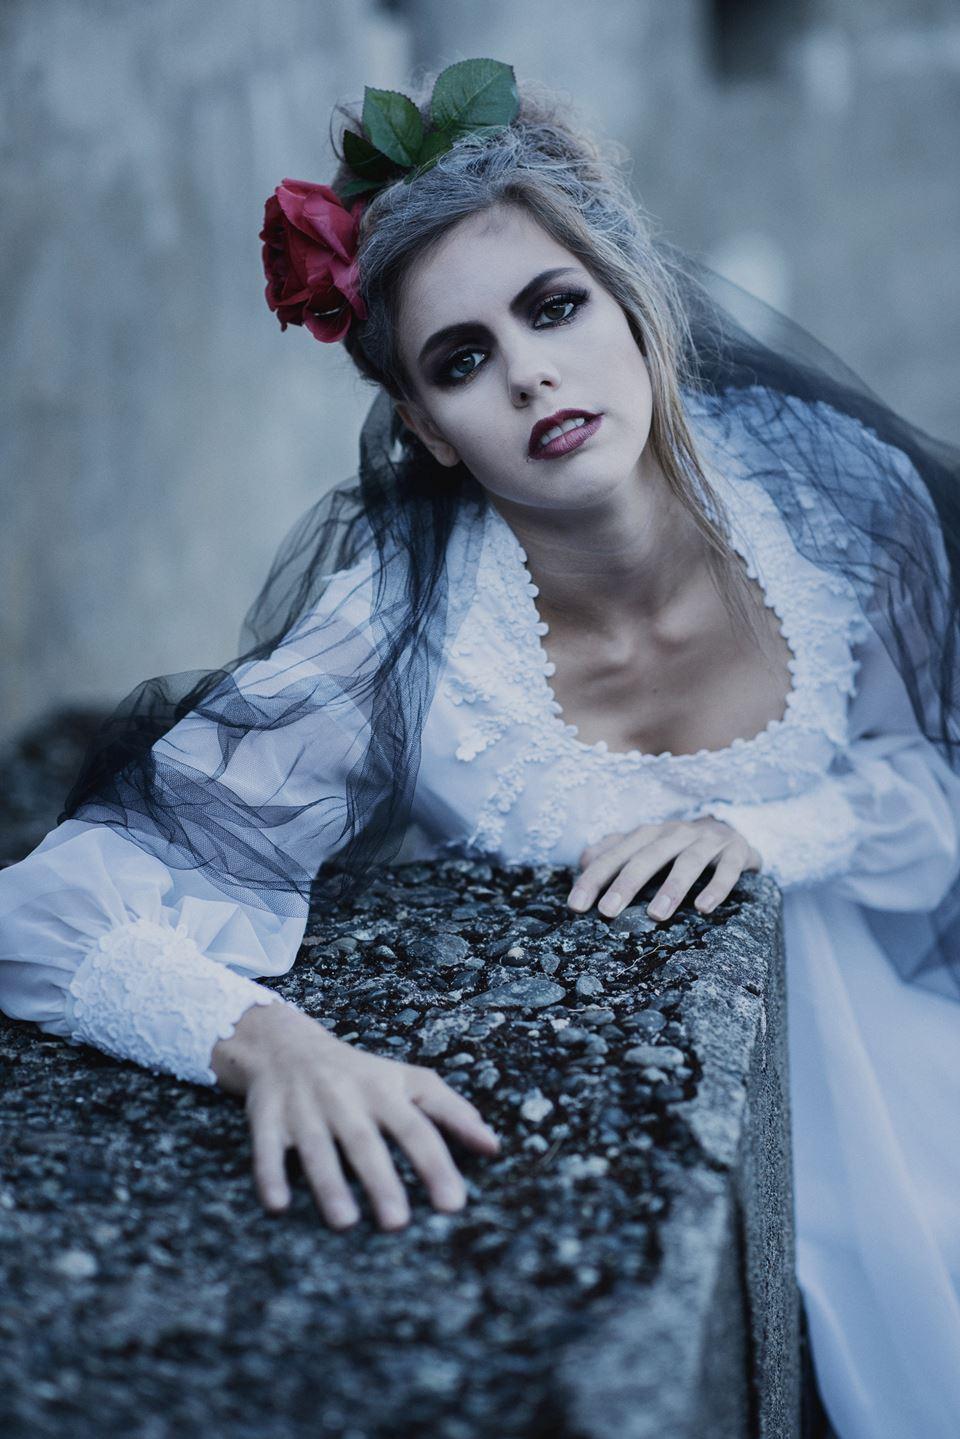 Shannon Alce Photo by Rita Steenssens